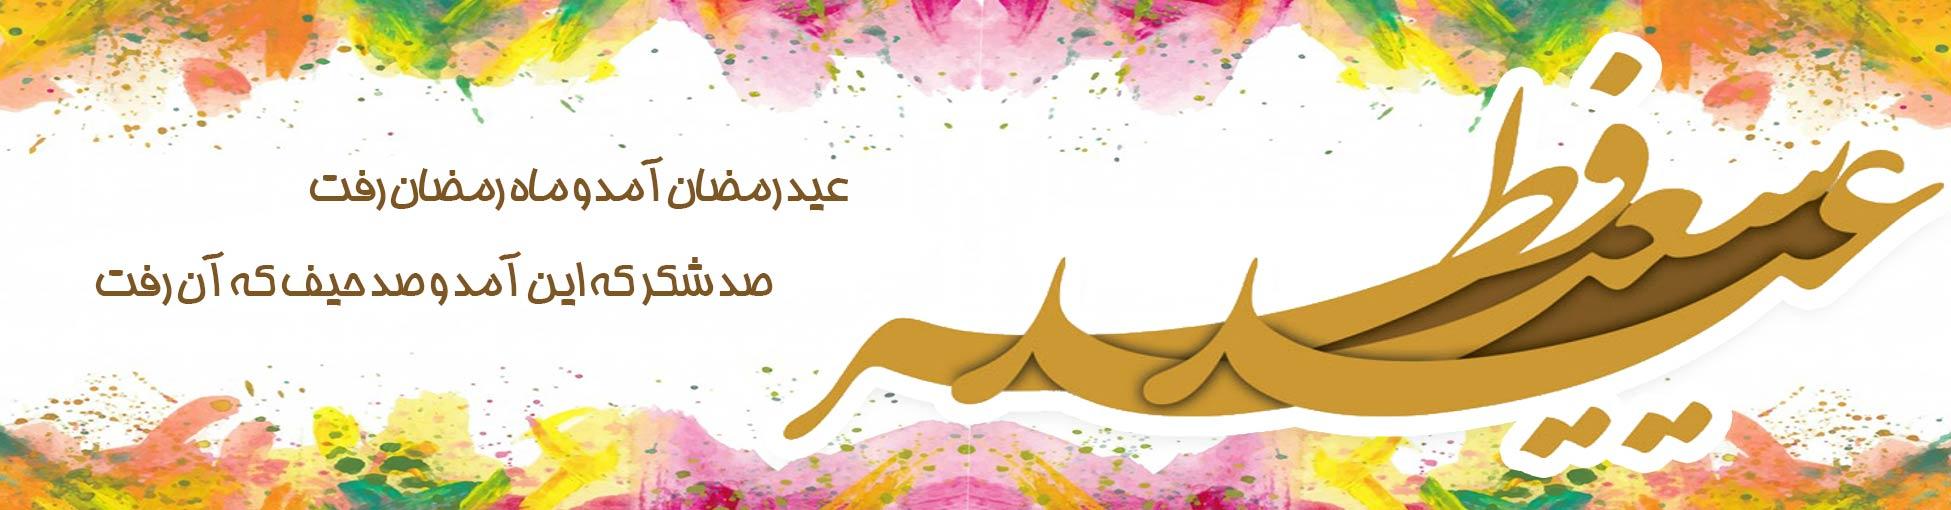 عید سعید فطر مبارک - فروشگاه اینترنتی فندک مارکت